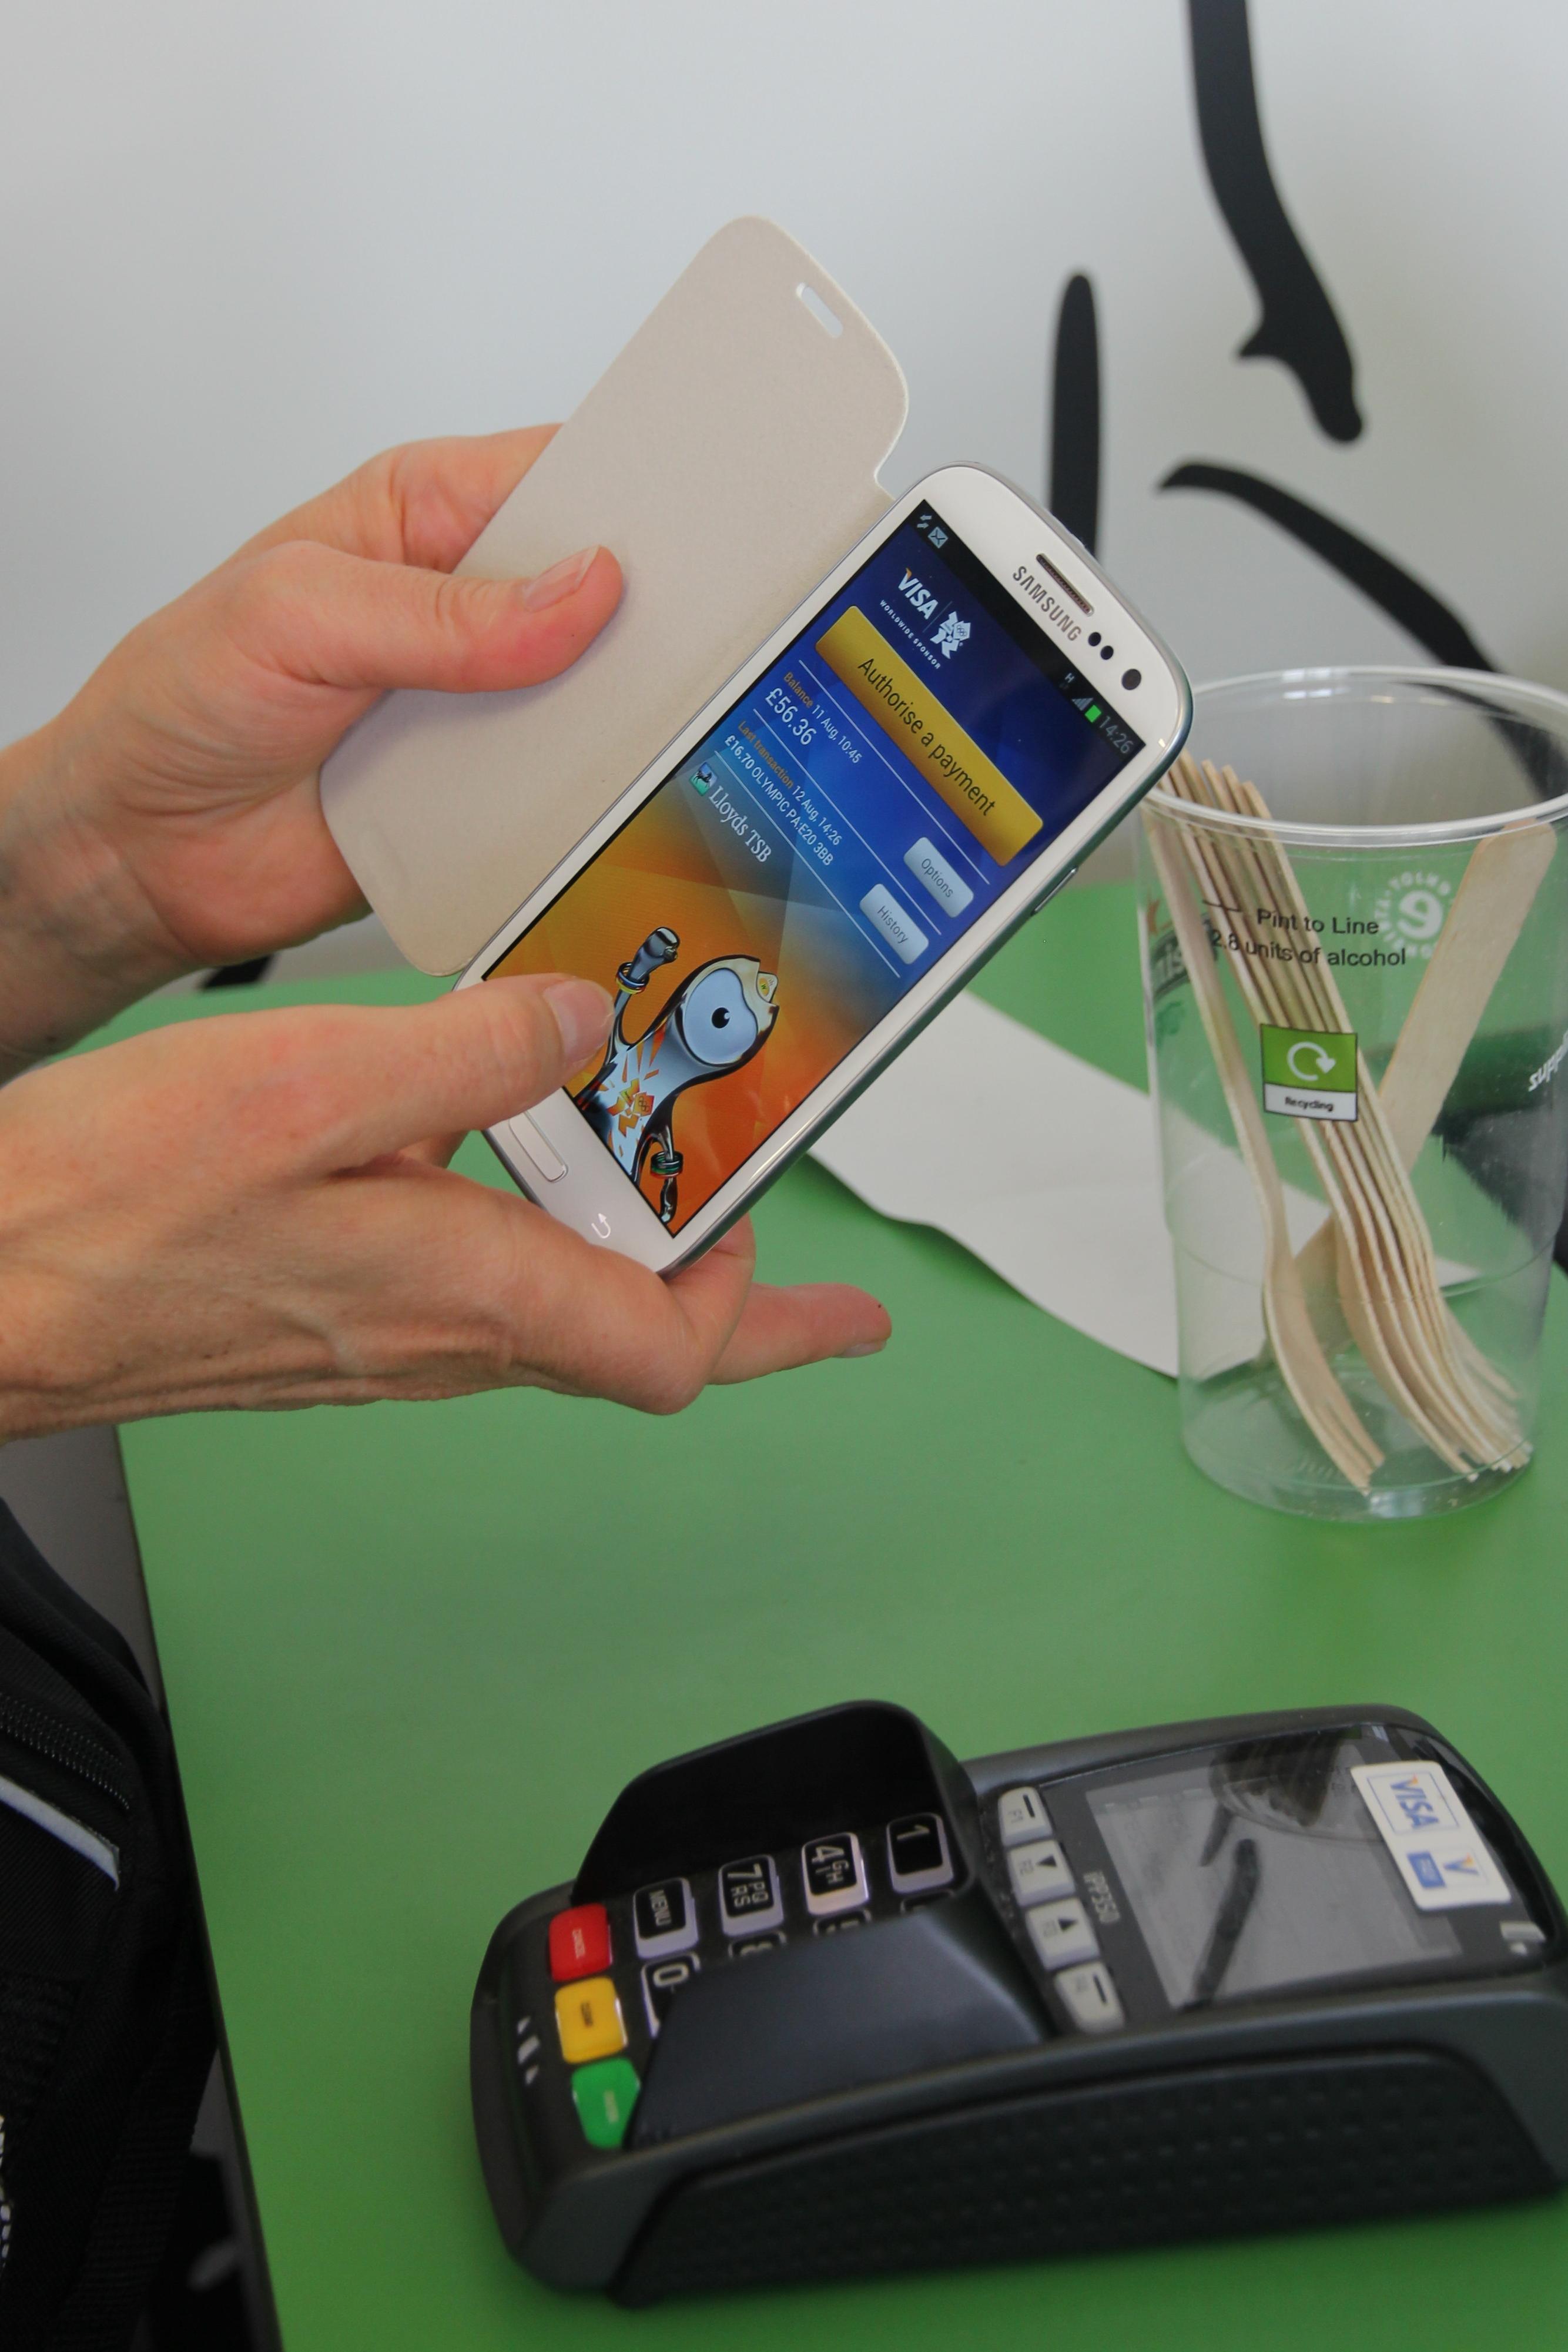 Paiement par smartphone (crédits: Pierre Metivier / Flickr Creative Commons Attribution - Pas d'Utilisation Commerciale 2.0 Générique (CC BY-NC 2.0))